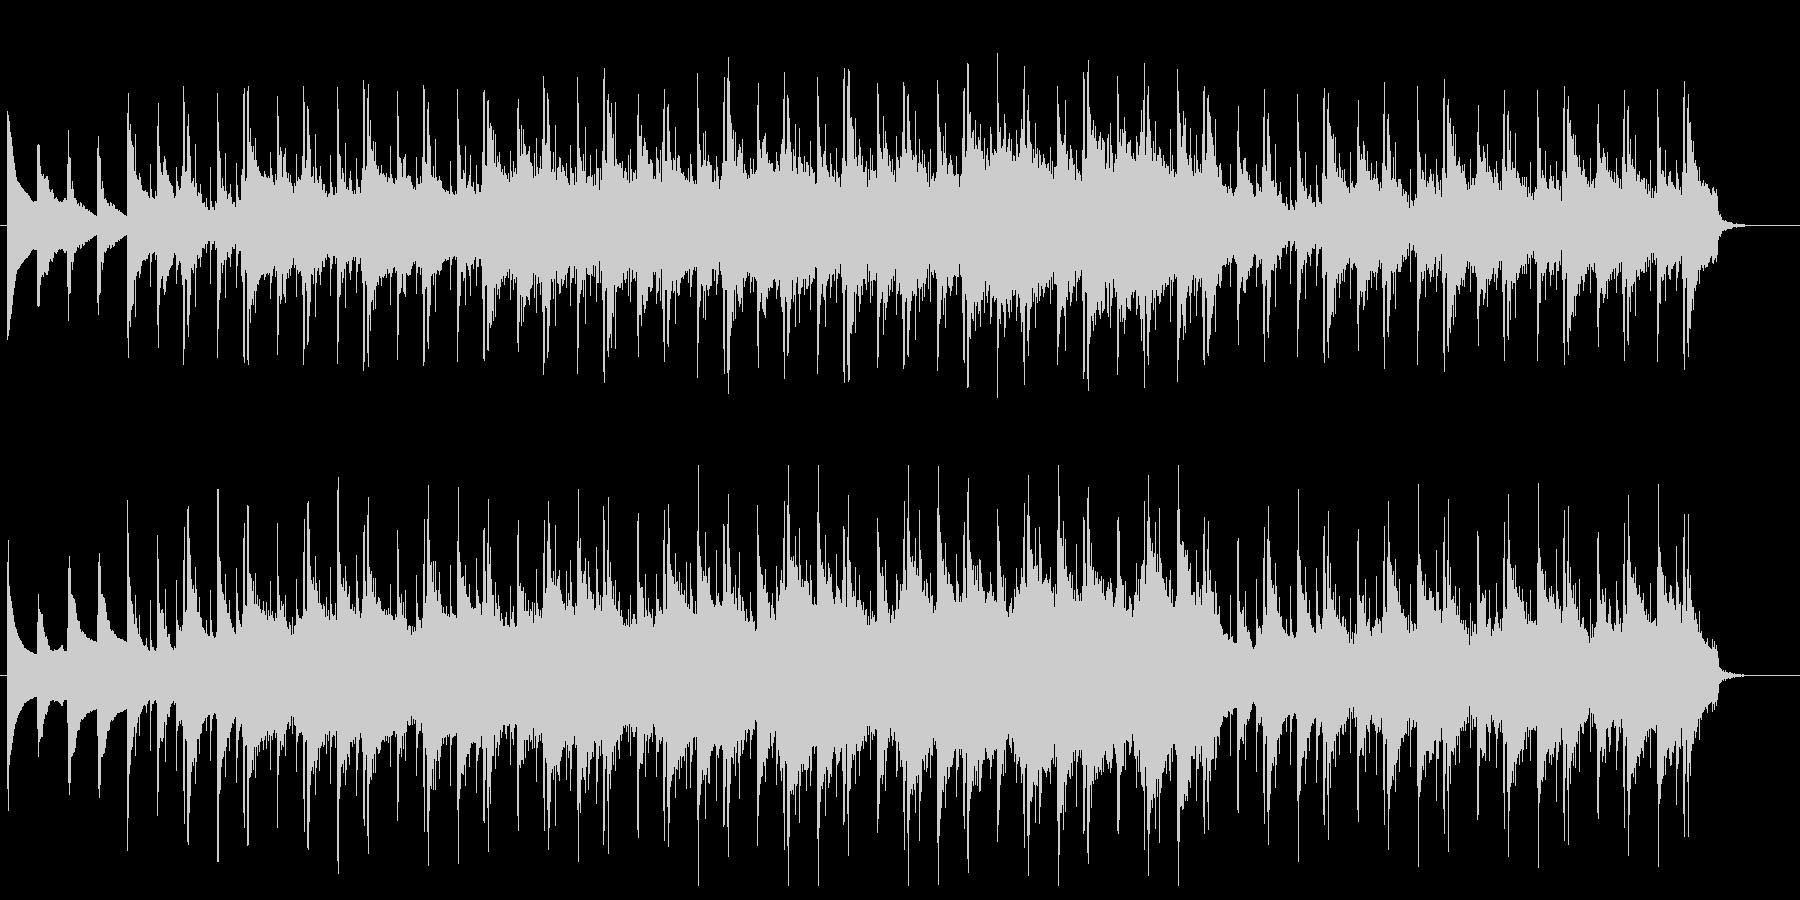 ミディアムテンポのデジタル系の楽曲の未再生の波形